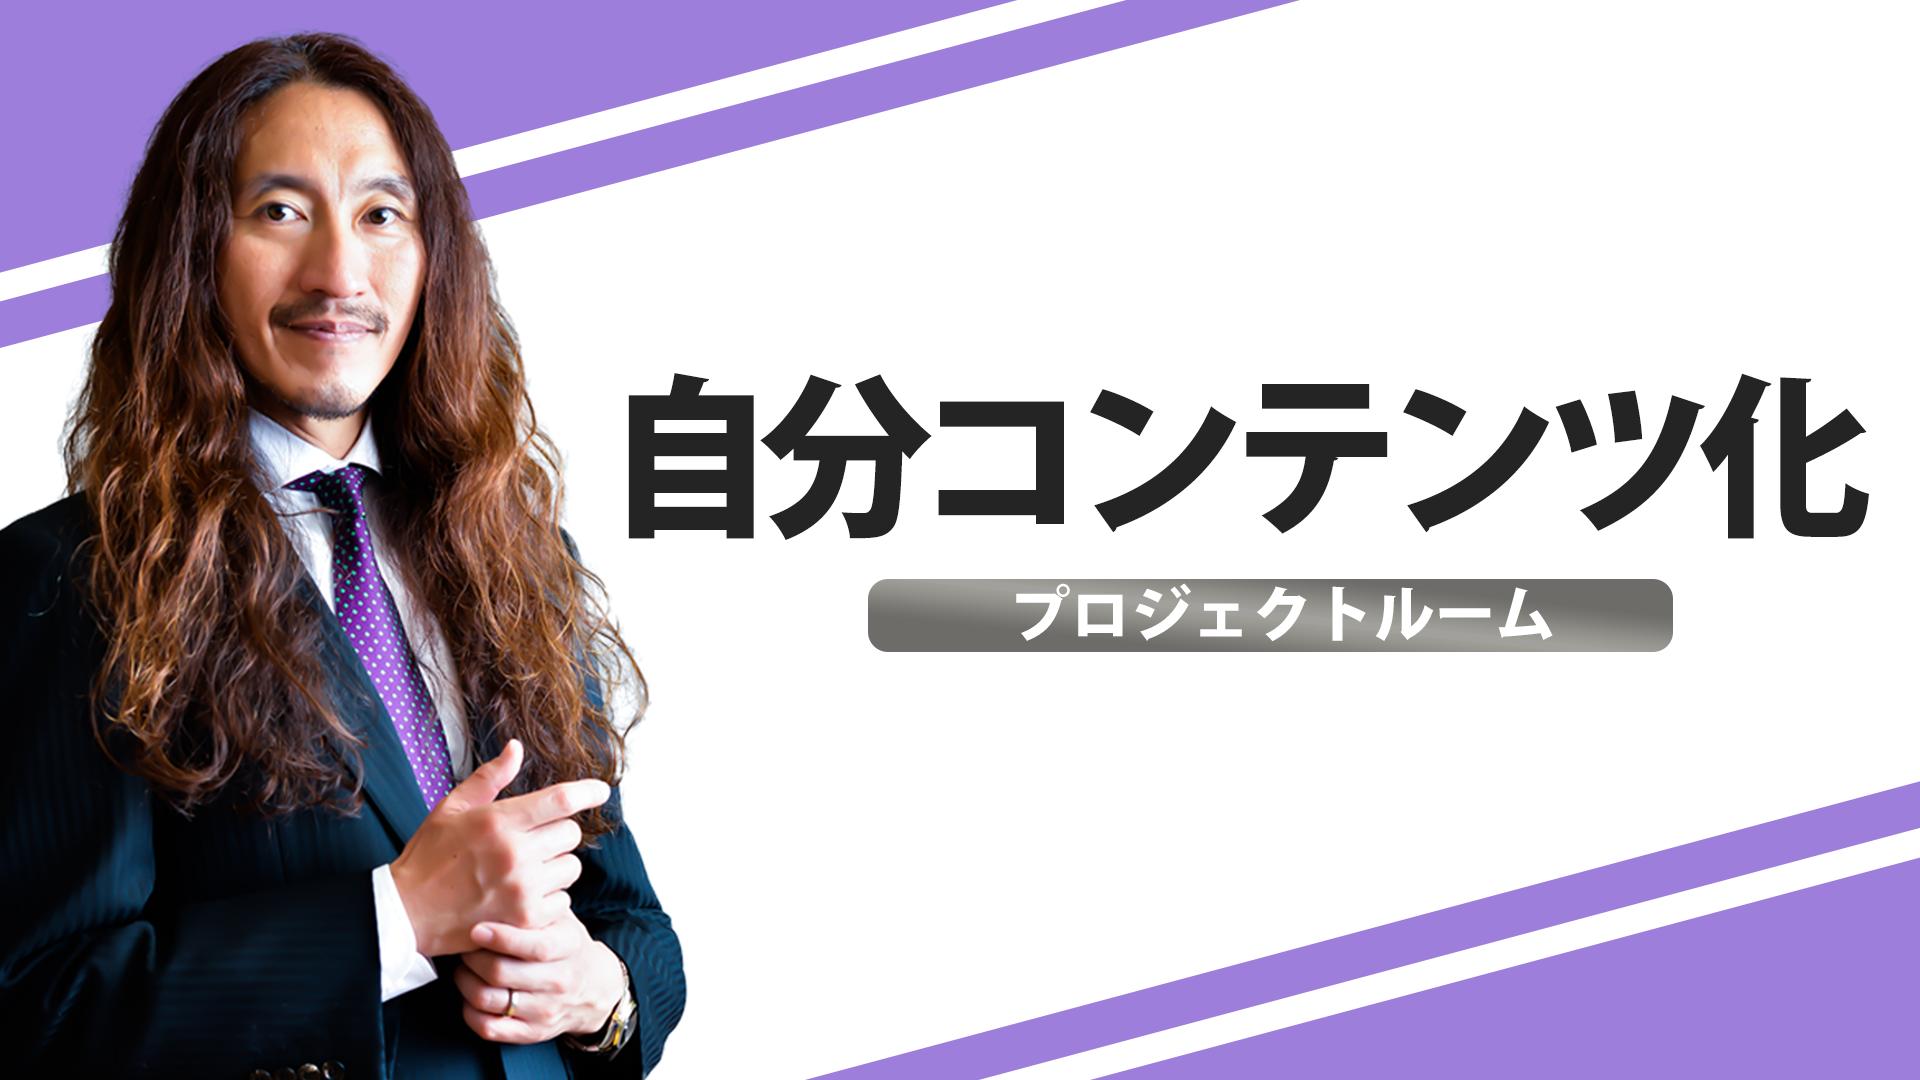 自分コンテンツ化 プロジェクトルーム #澤サロン